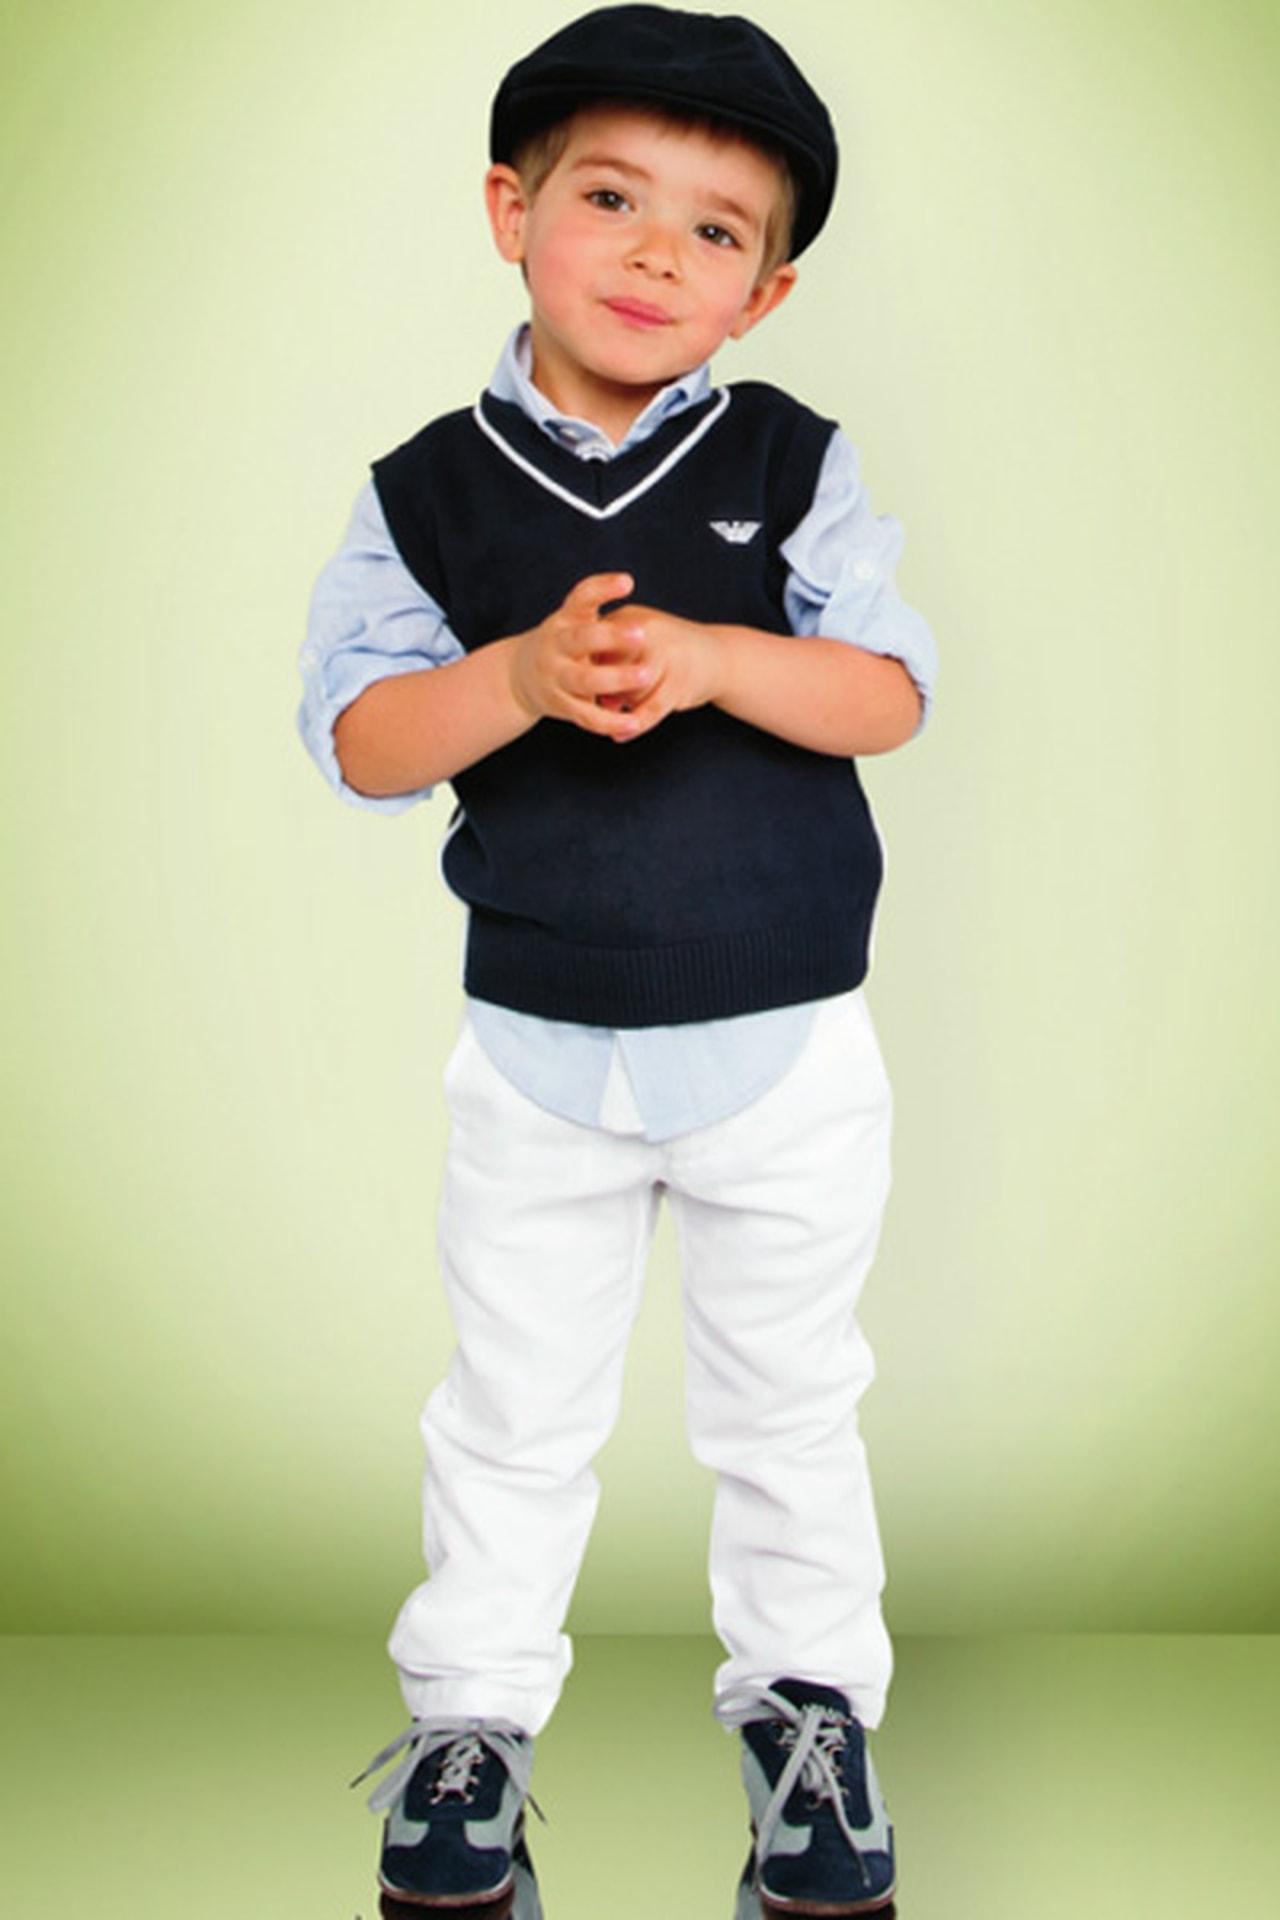 بالصور ملابس اطفال اولاد , مجموعه من ملابس الاولاد الصغار اخر شياكه 6732 2